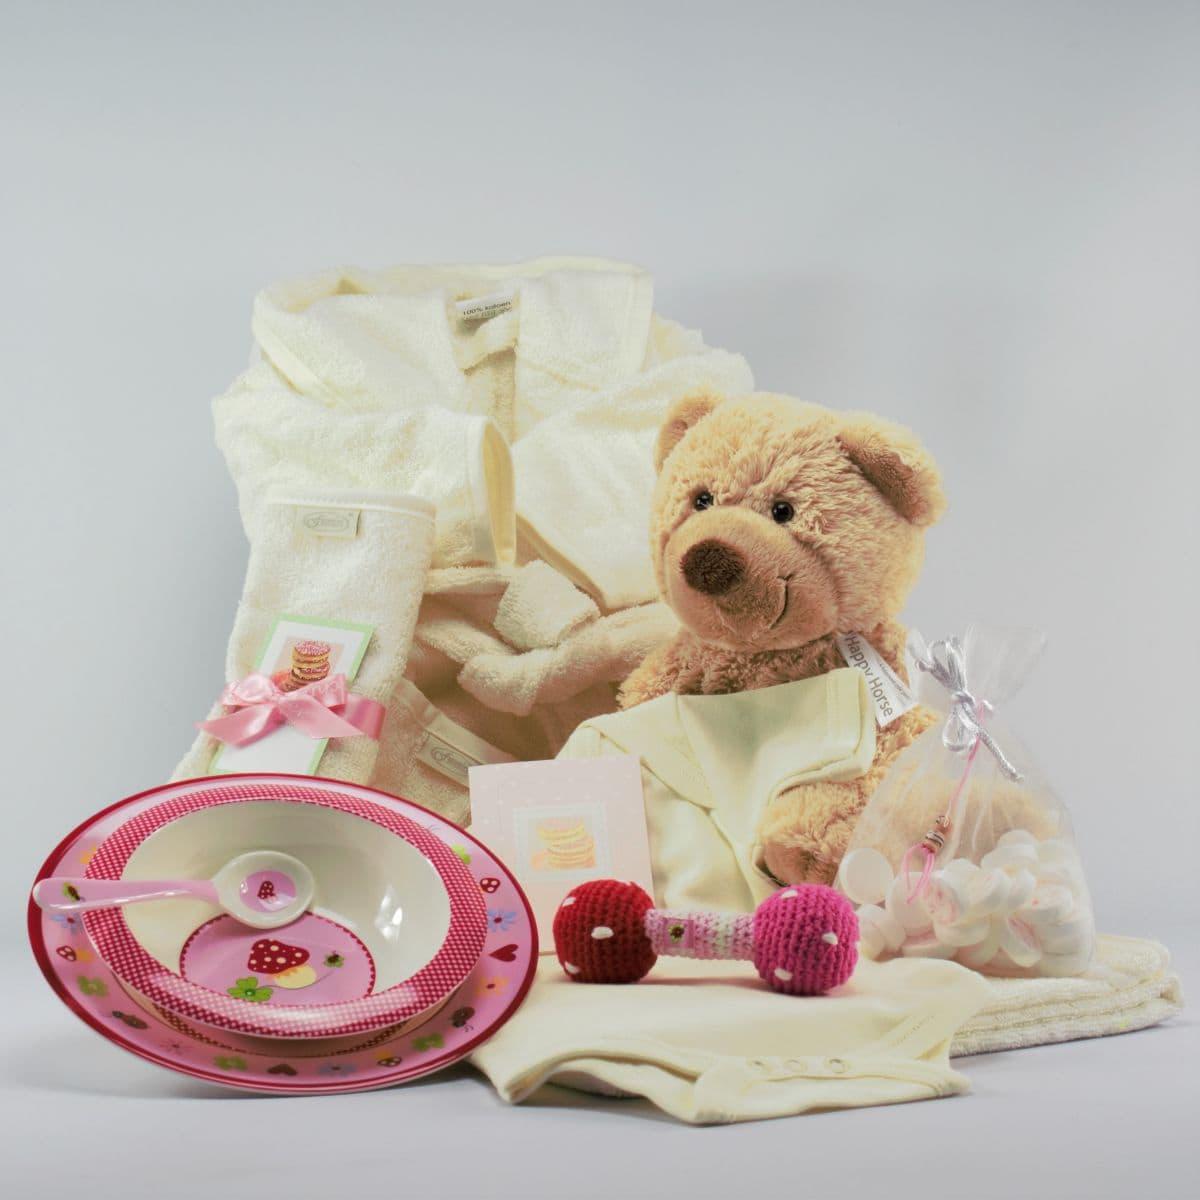 596b8375327 Cadeau voor baby Baby Kado Service